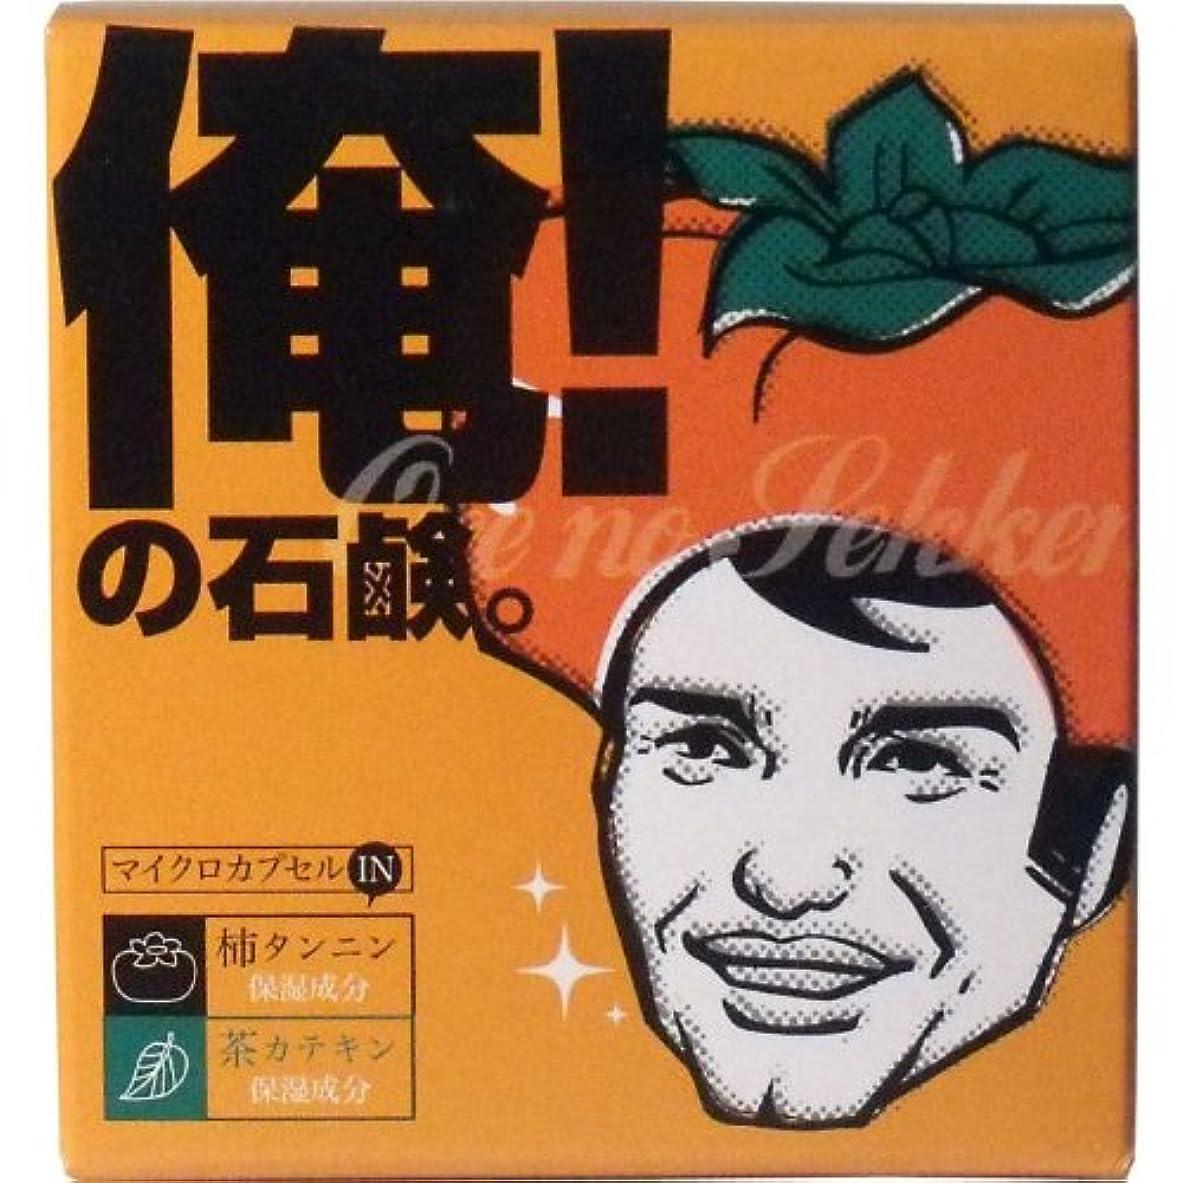 茶カテキン! 柿タンニン! をダブル配合!石鹸